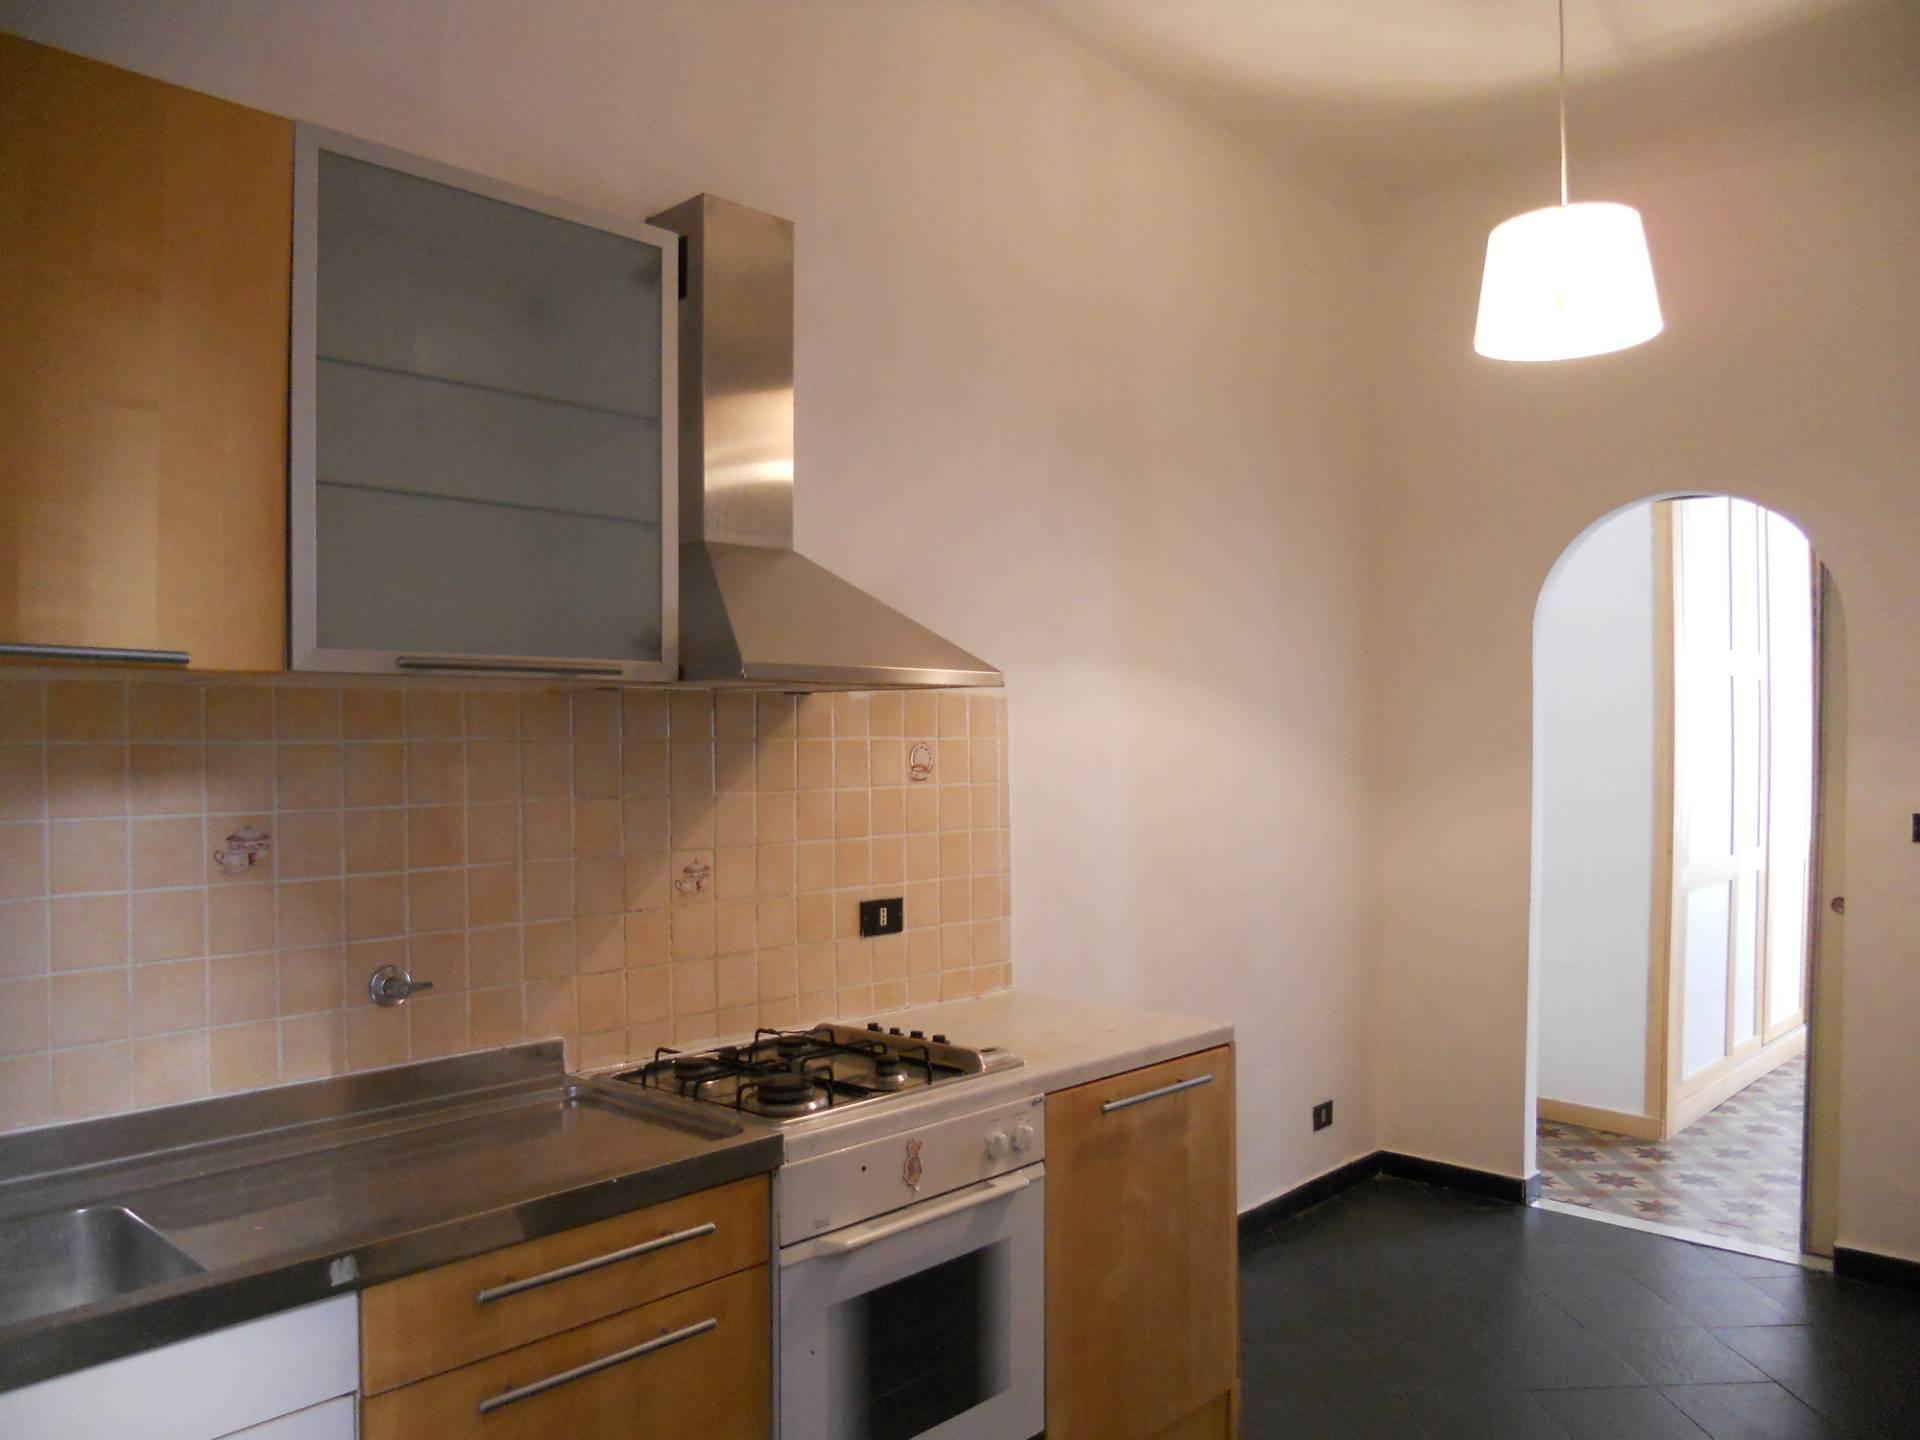 Appartamento in vendita cod gef277 for Appartamento centro storico vicenza